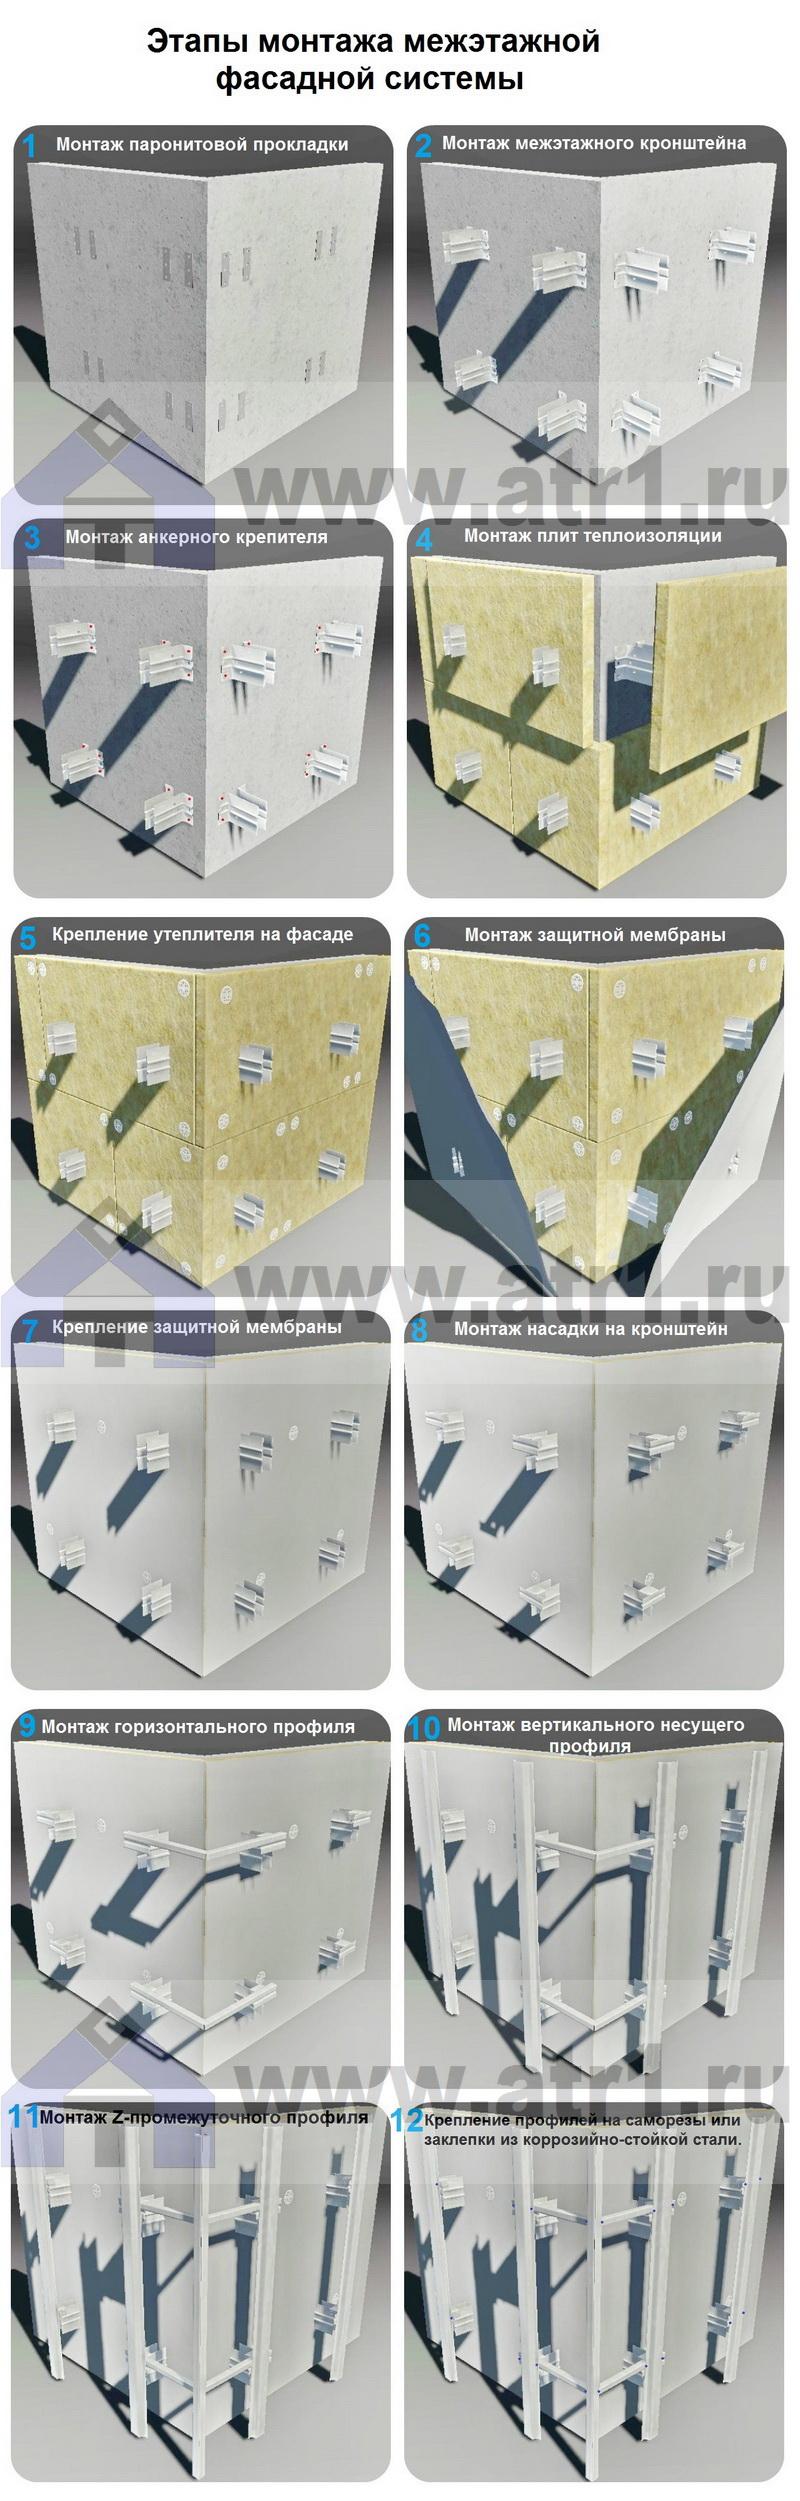 Этапы монтажа межэтажной фасадной системы